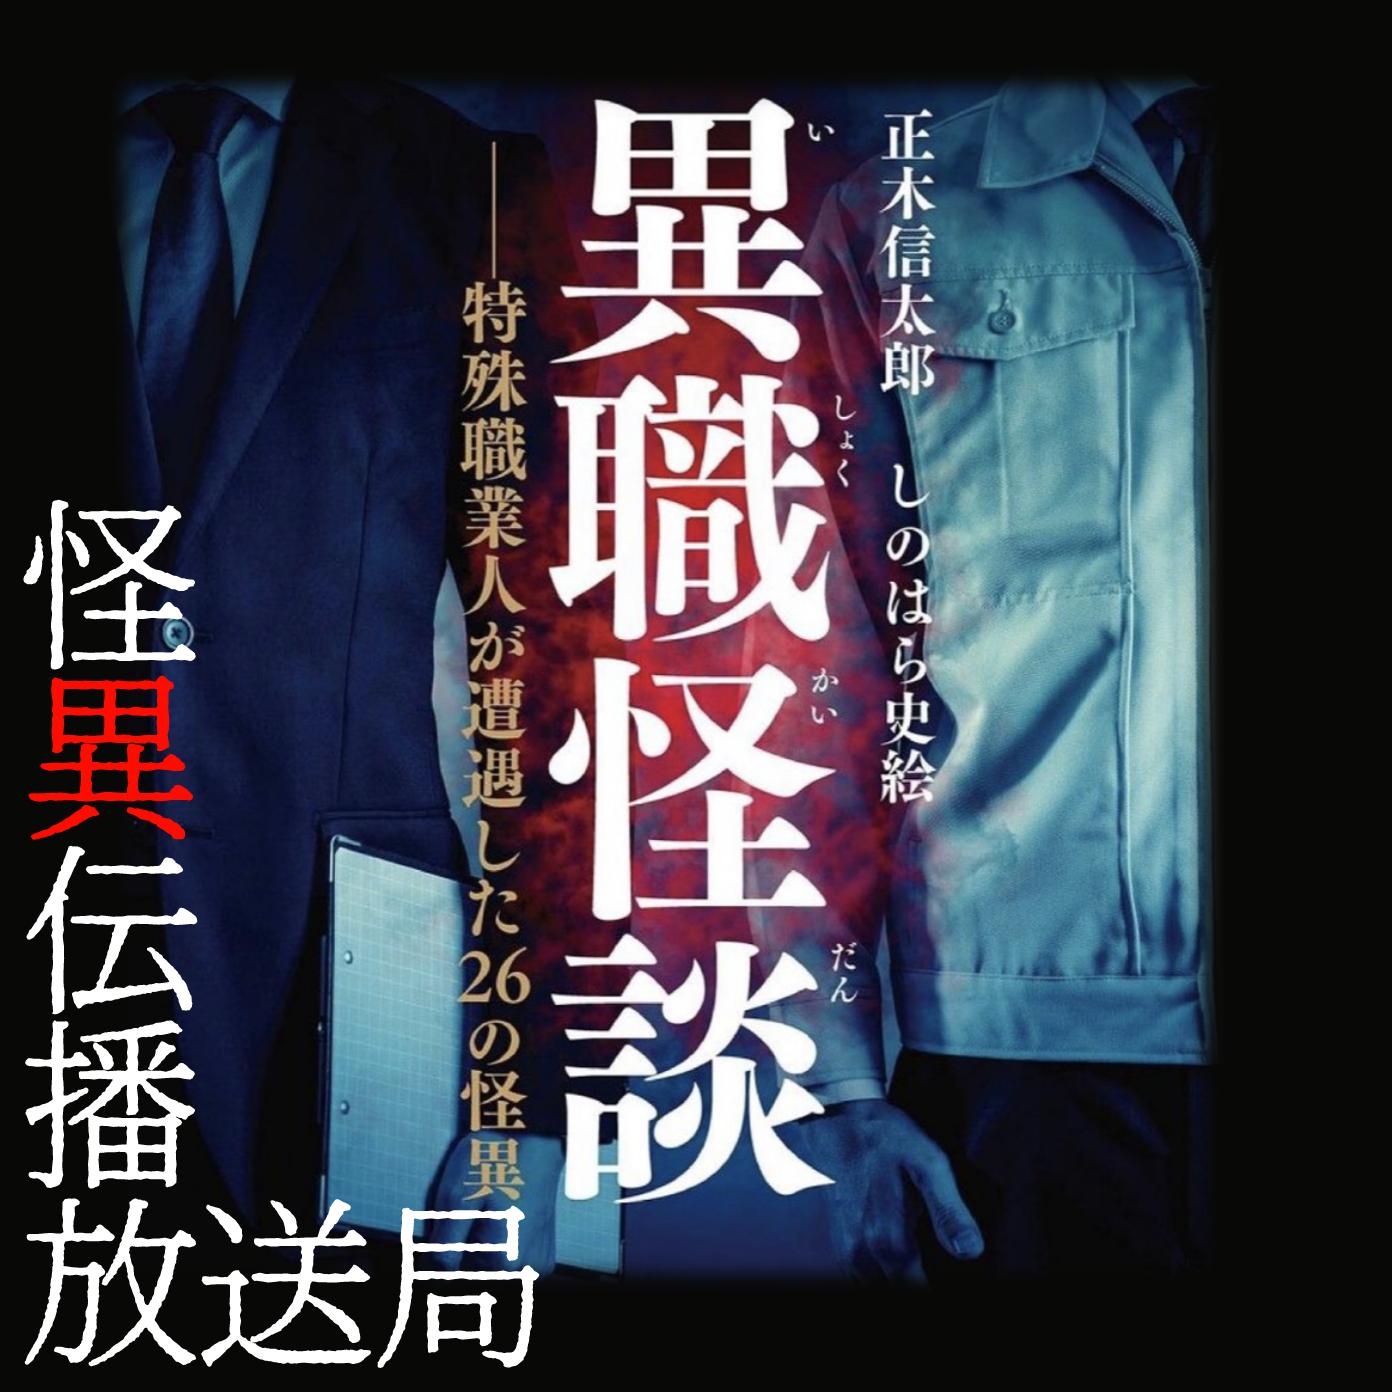 【異職怪談】麻薬探知犬ハンドラーの怪異『血と硝煙』